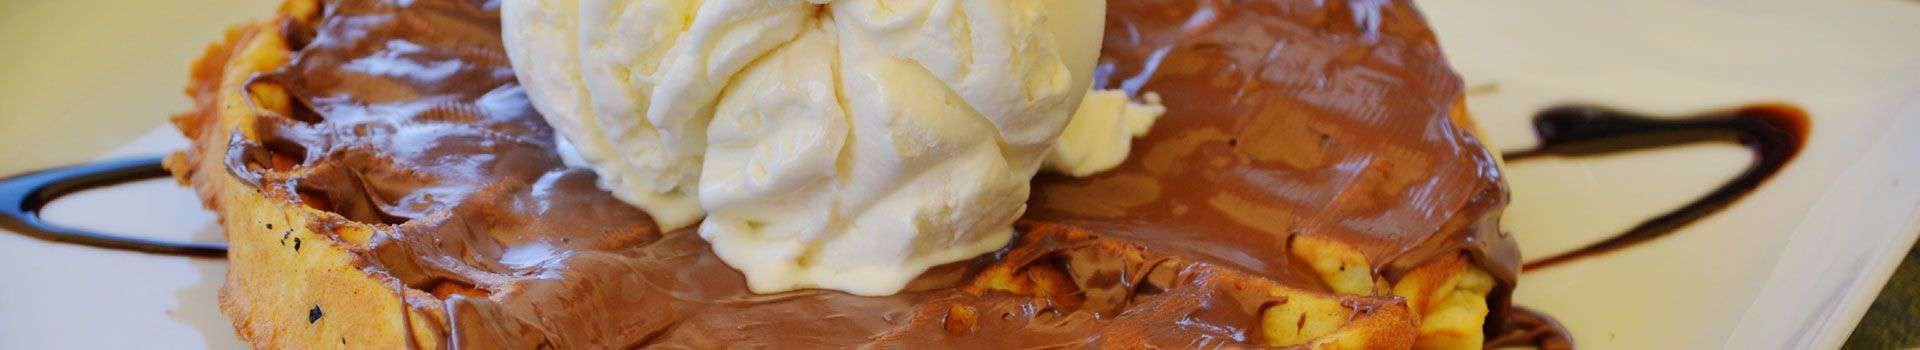 Βάφλα Σοκολάτα & Παγωτό - Κρεπερί La Place